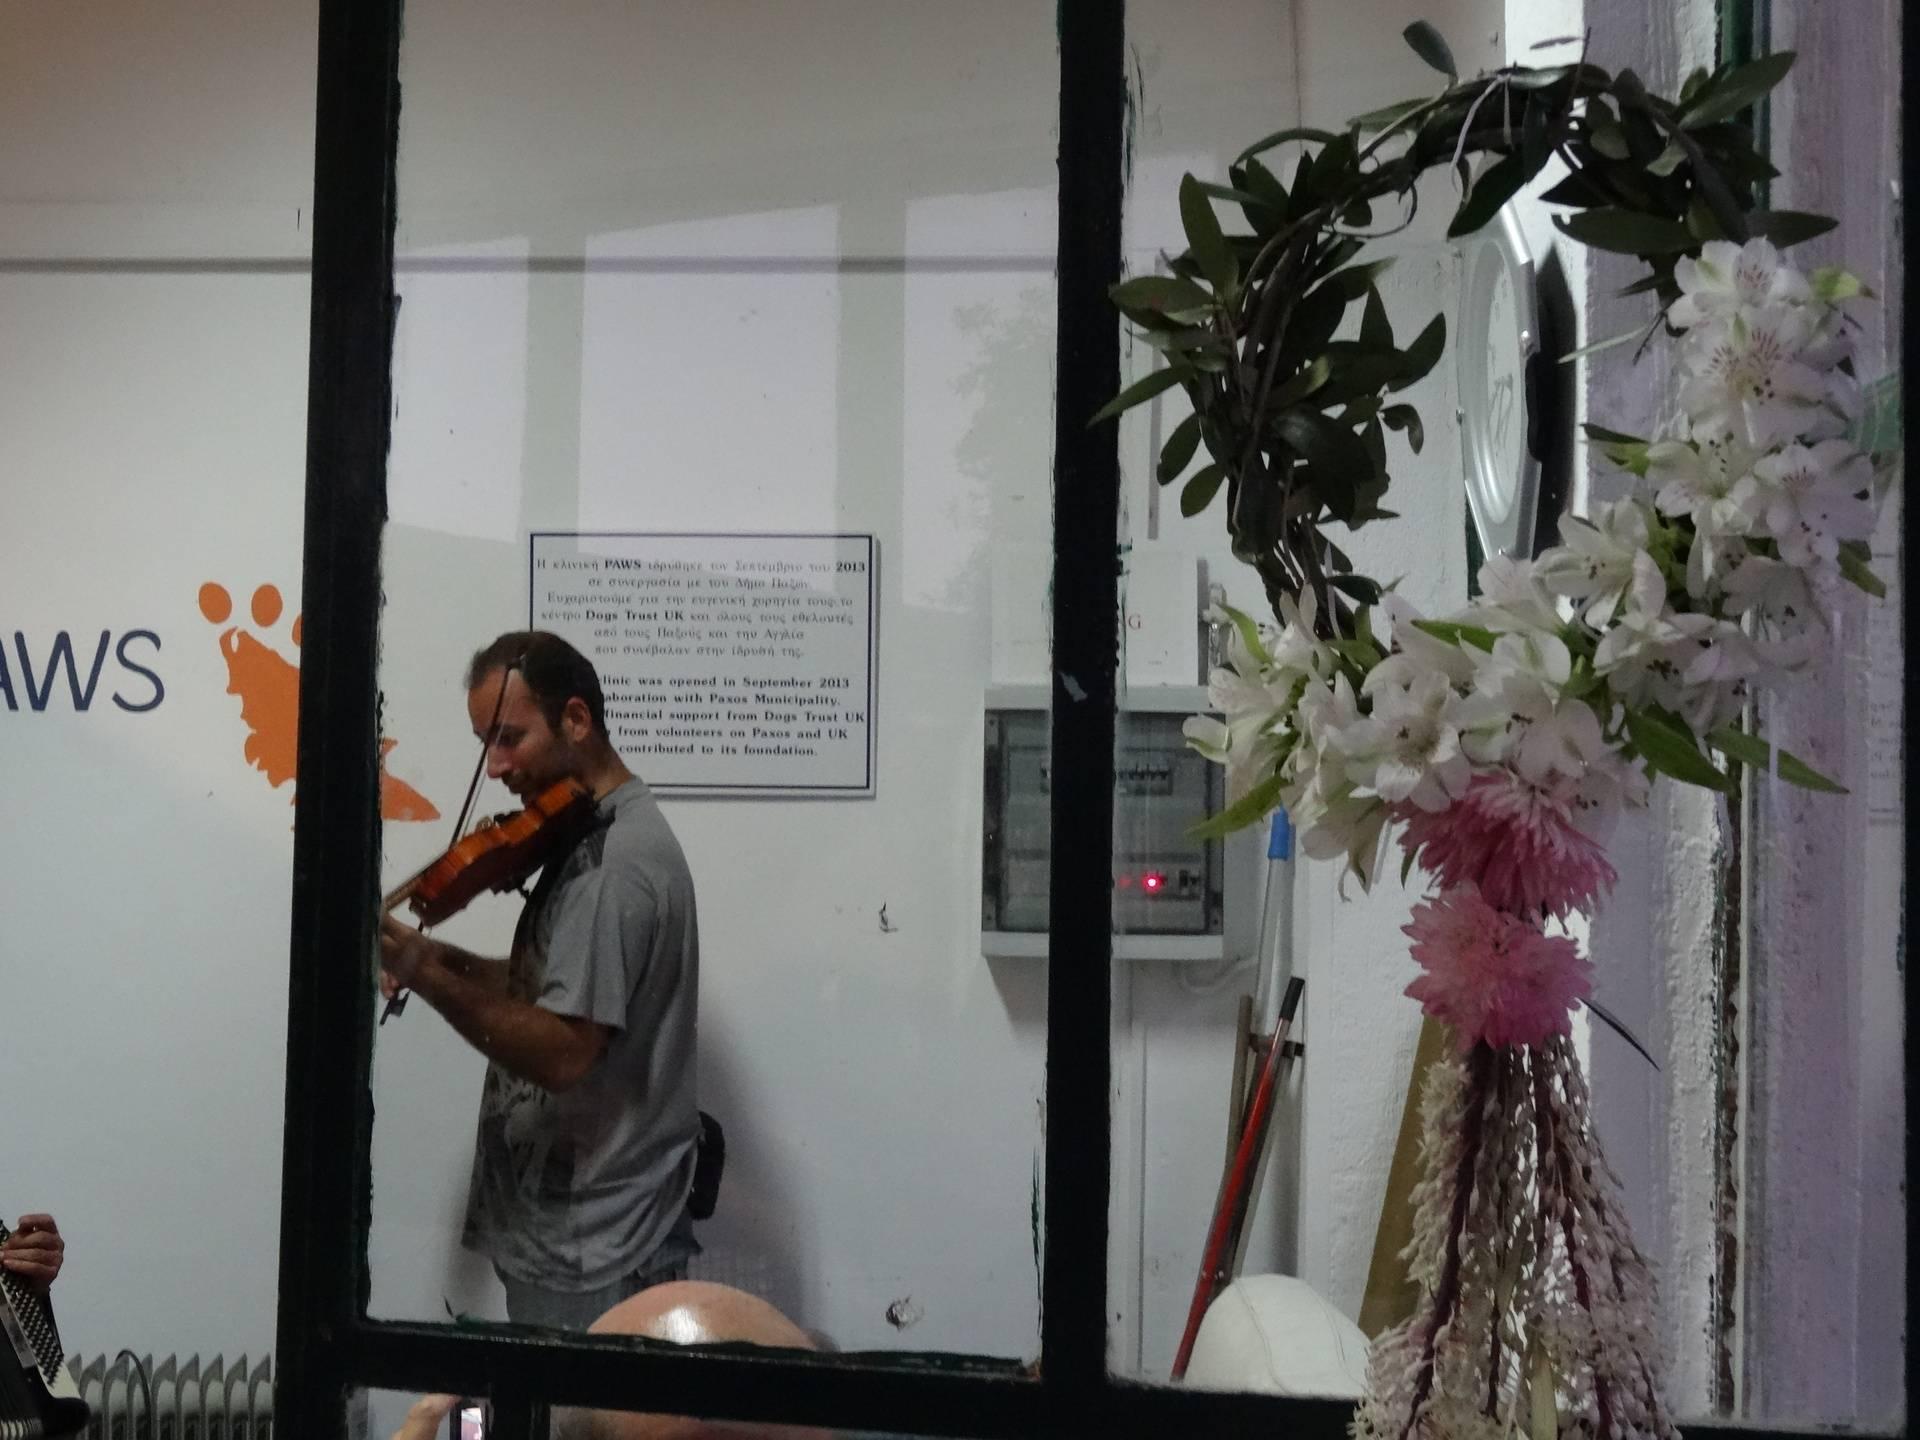 Plaintive Violin